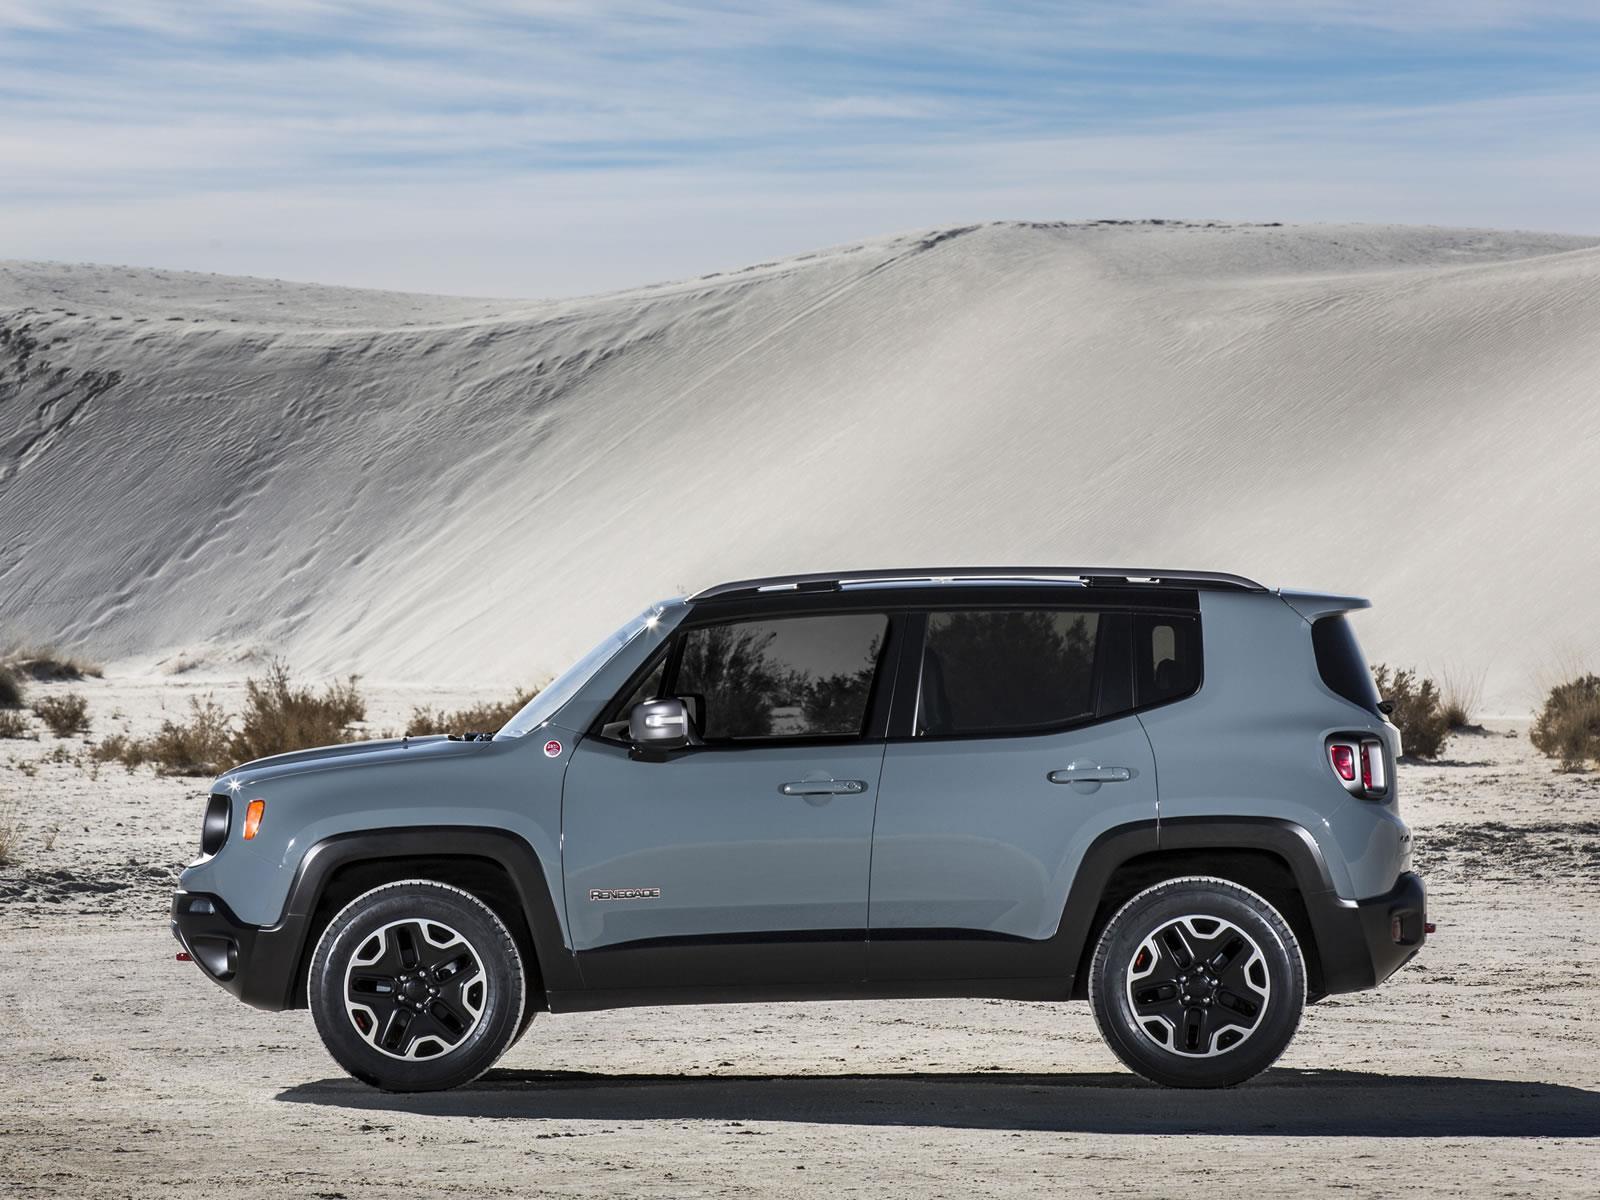 Jeep Renegade Trailhawk Lift >> Jeep Renegade Mexico Cuando Llega.html | Autos Post